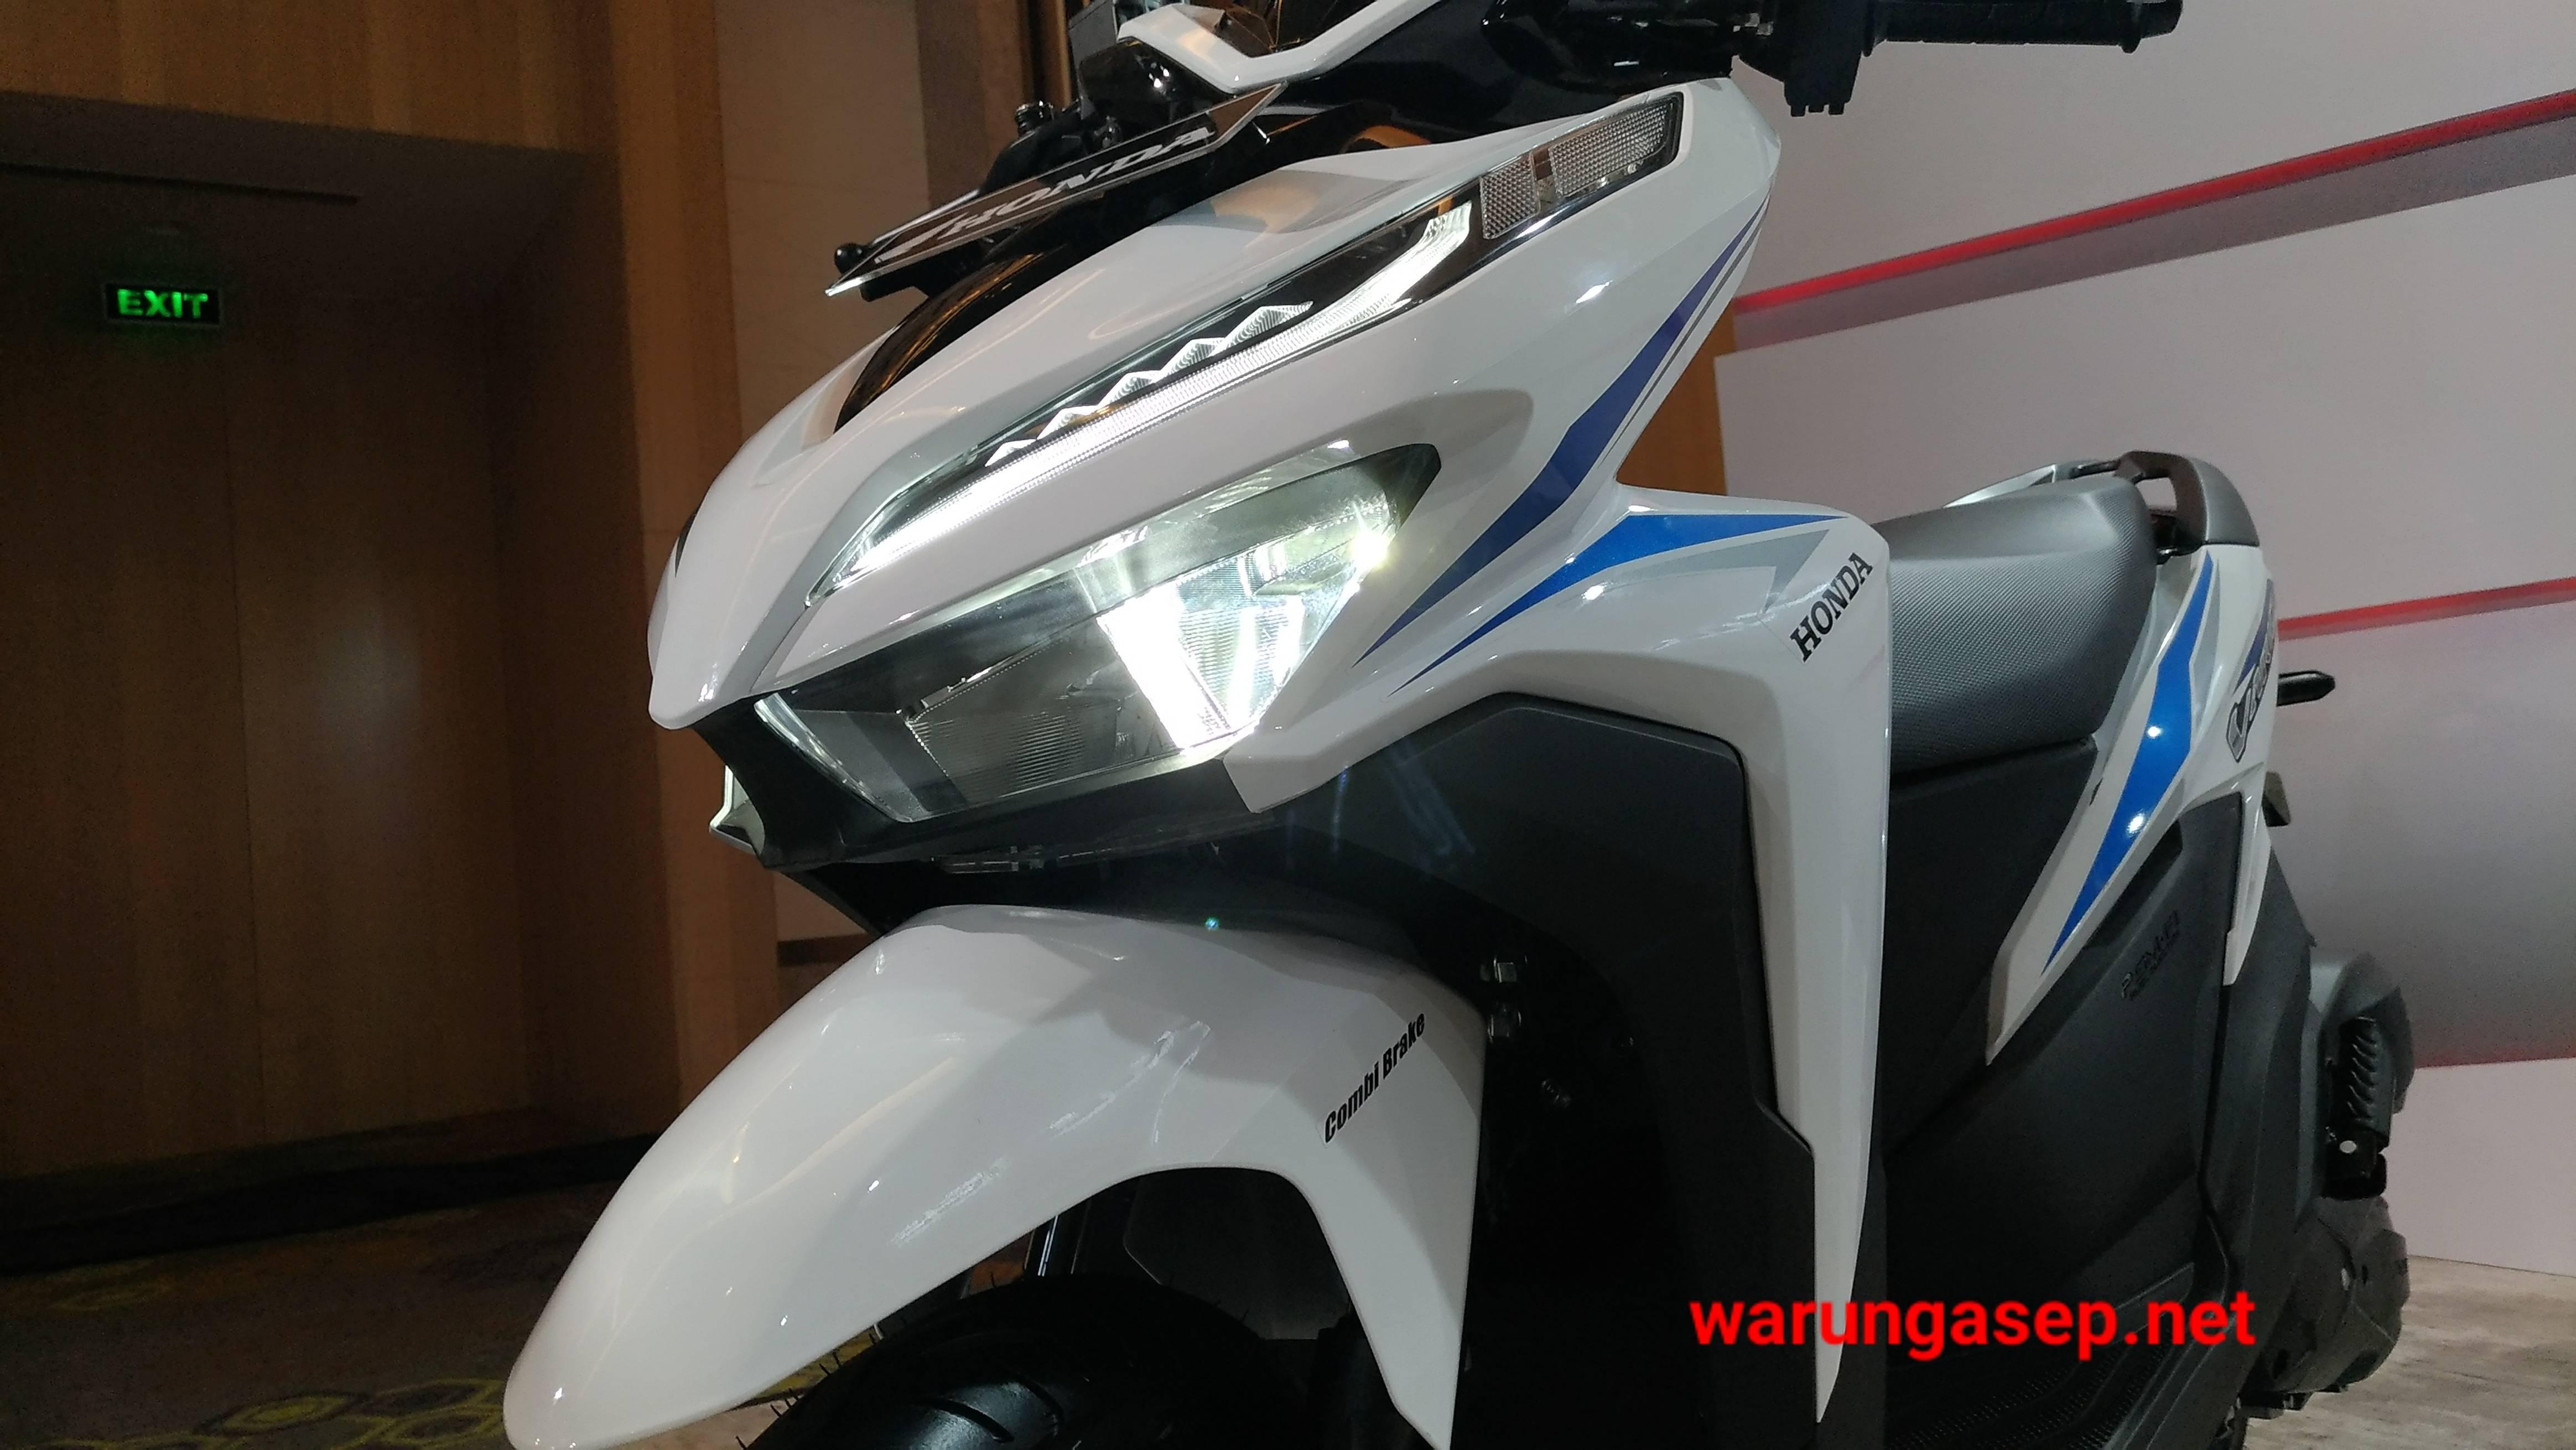 Galeri Foto Detail Honda Vario 125 Terbaru 2018 WARUNGASEP